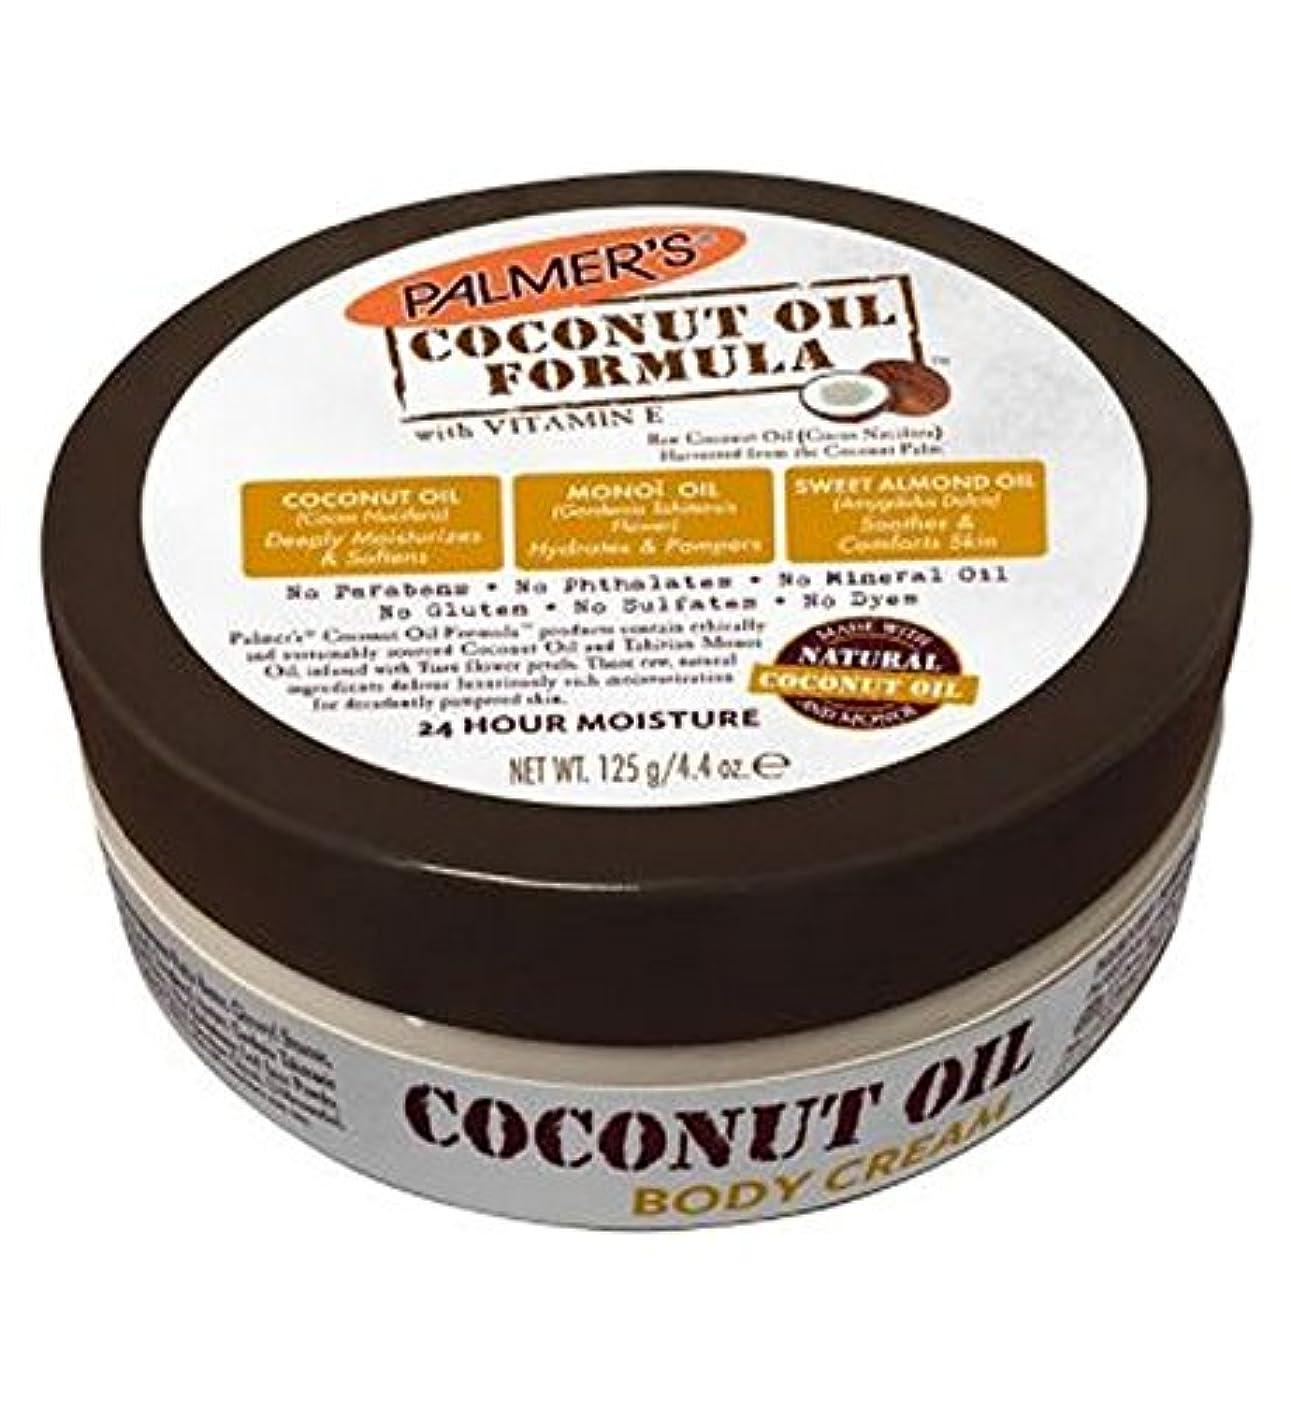 むしろ続編梨Palmer's Coconut Oil Formula Body Cream 125g - パーマーのヤシ油式ボディクリーム125グラム (Palmer's) [並行輸入品]